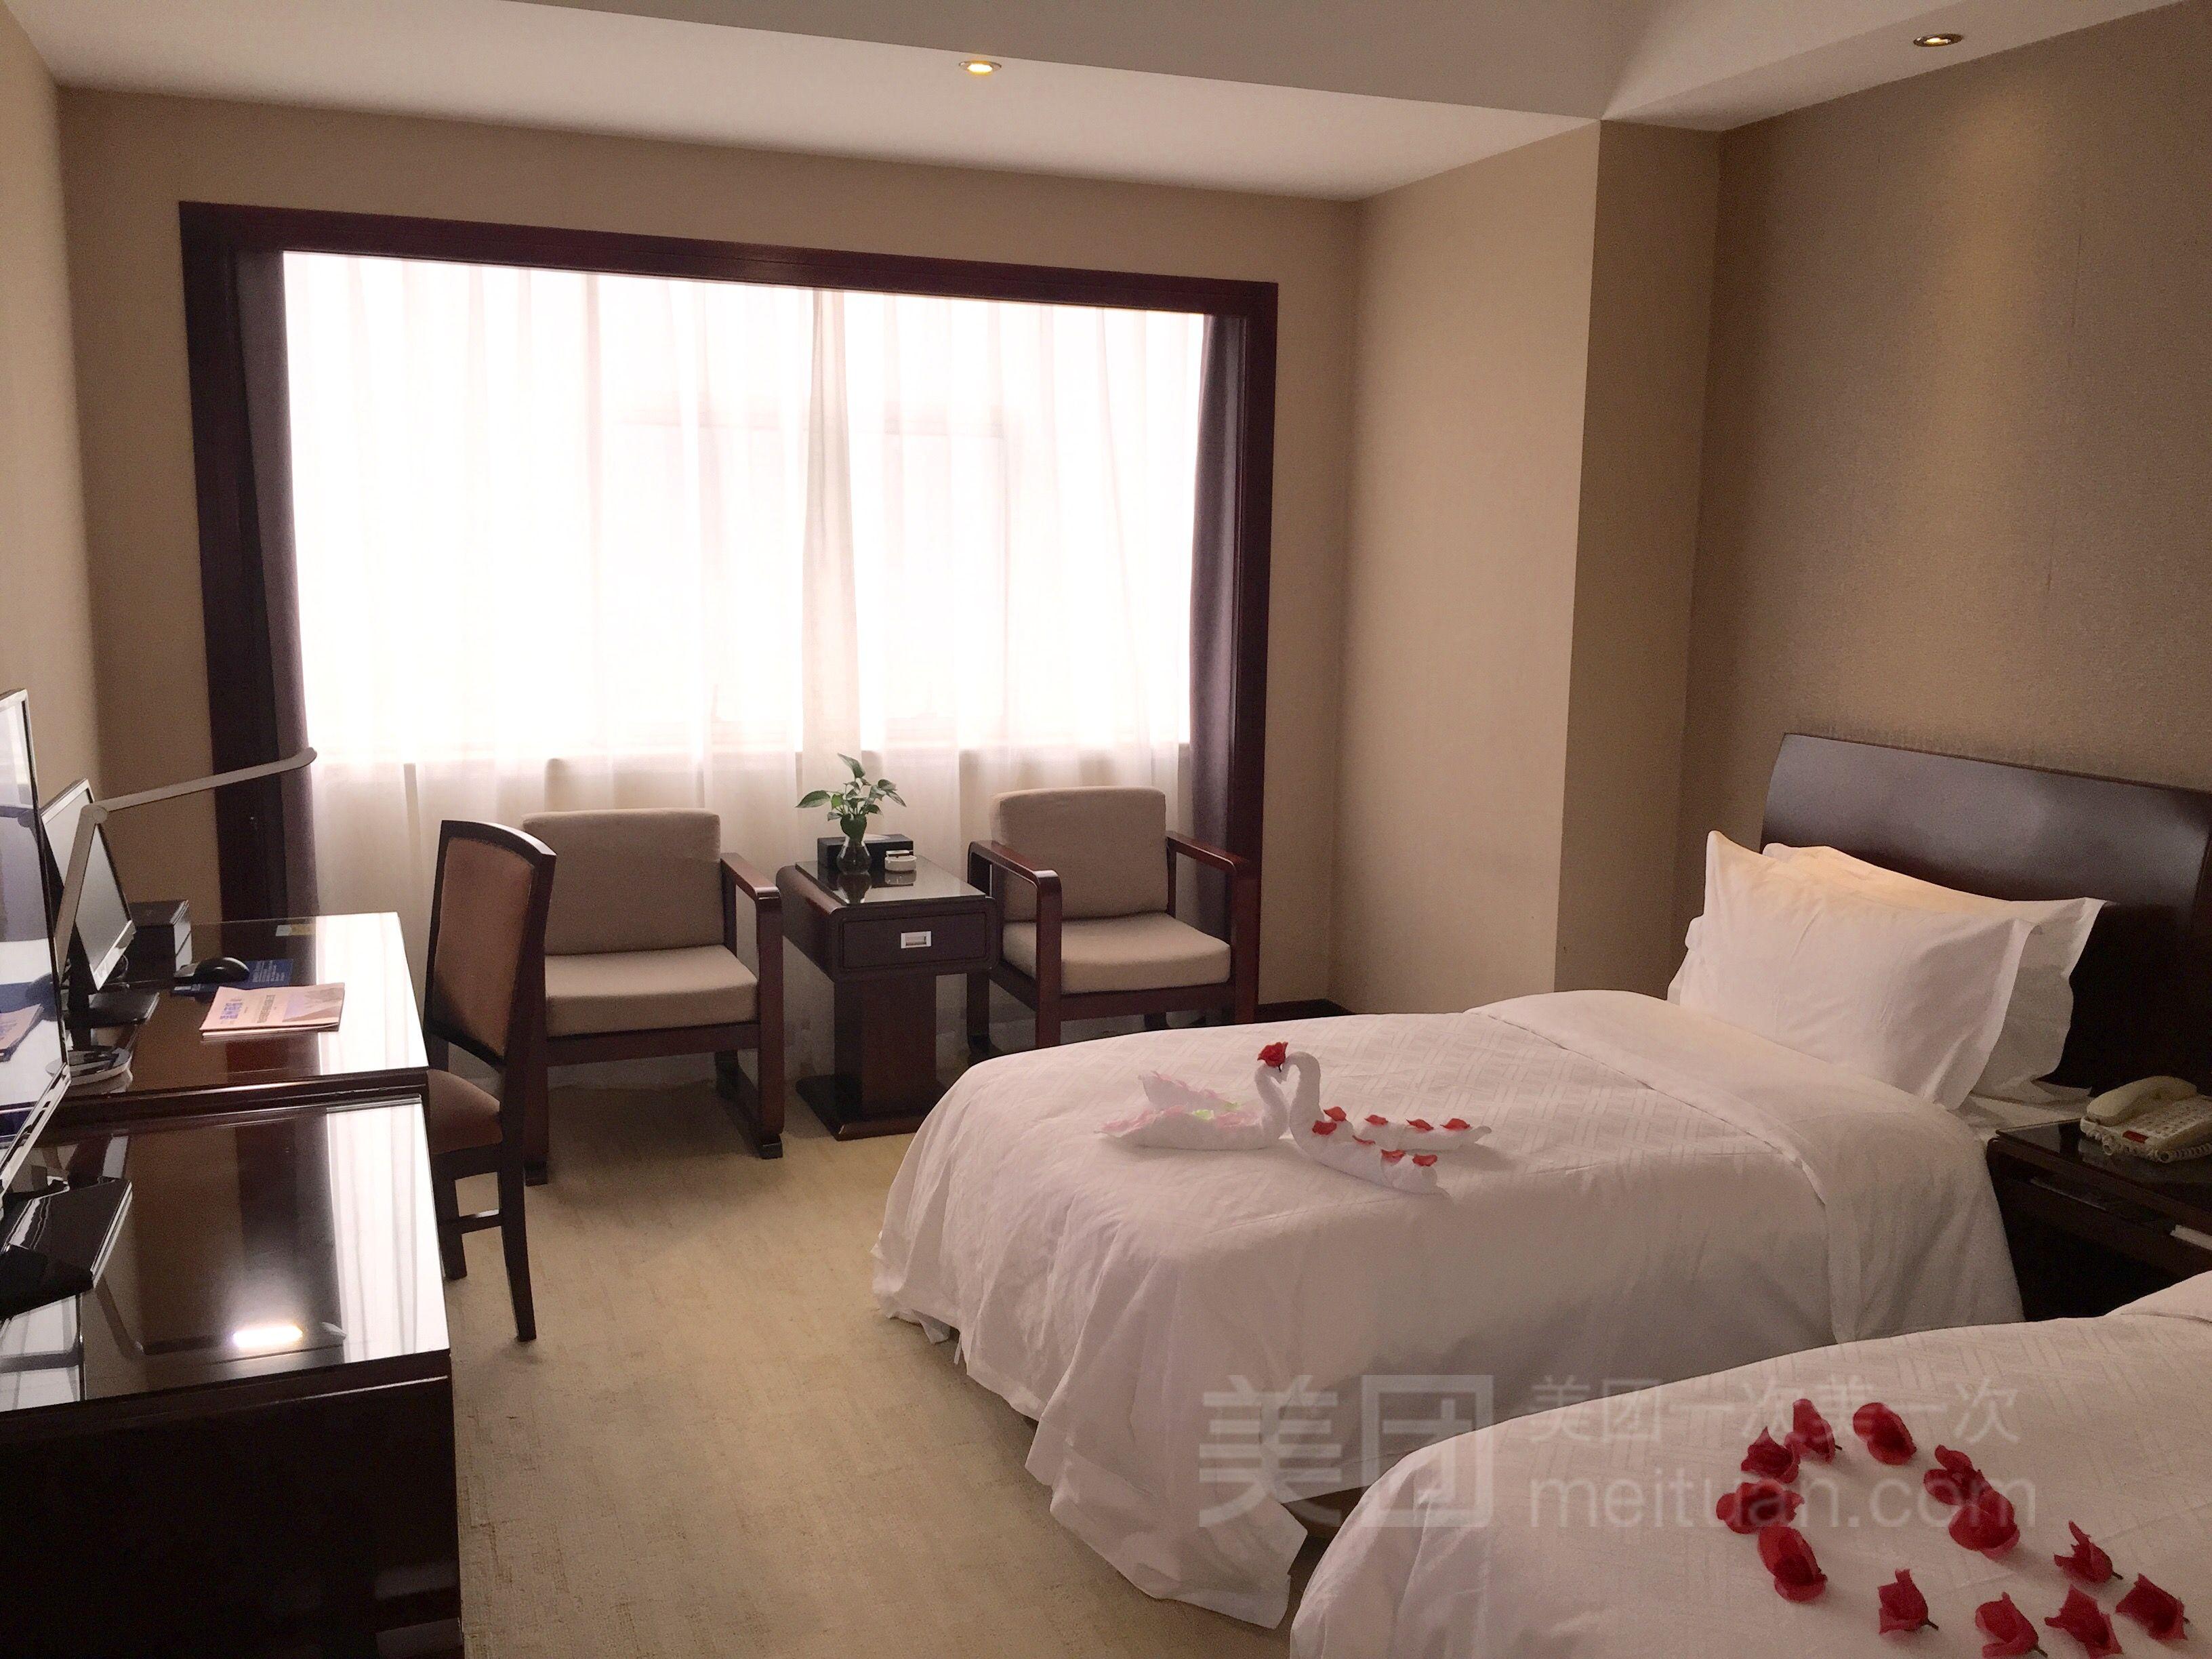 钱塘世纪大酒店-美团